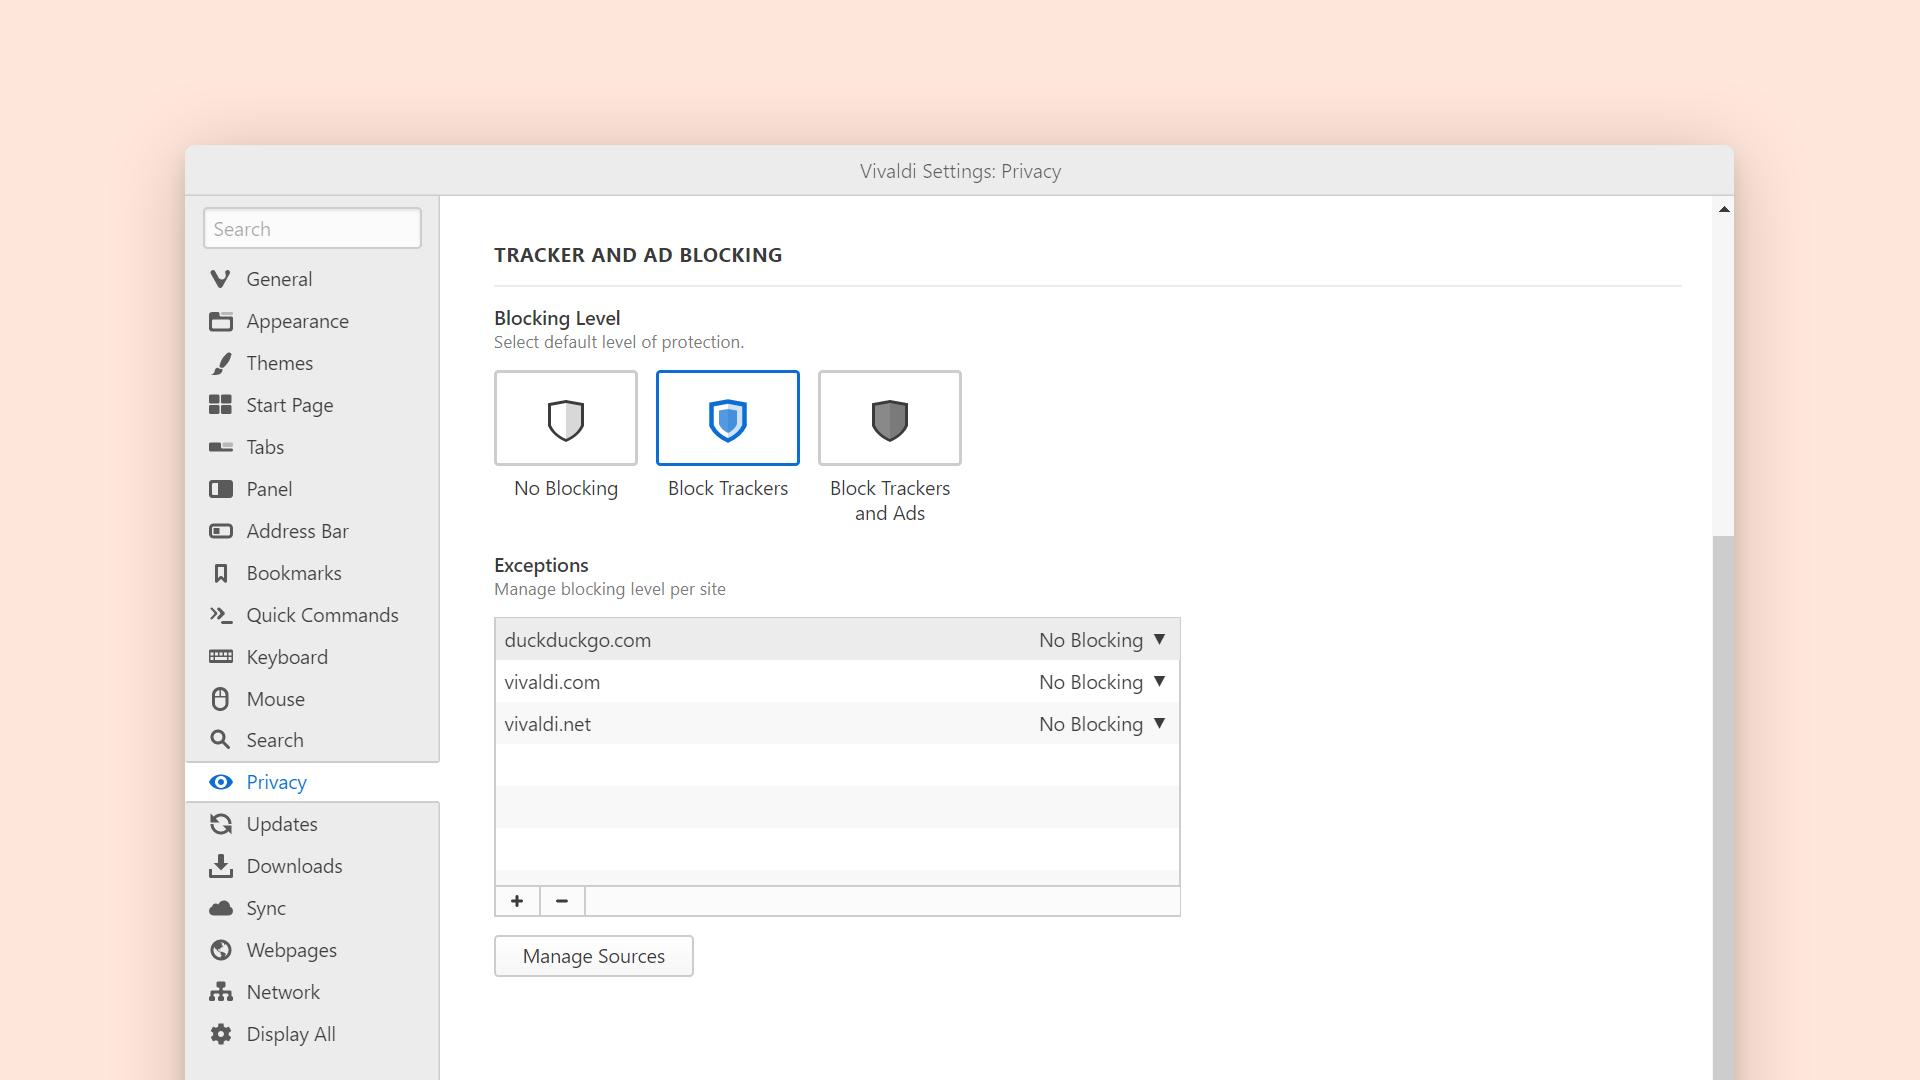 Vivaldi浏览器已更新为带有内置Tracker阻止程序和更多2的v3.0